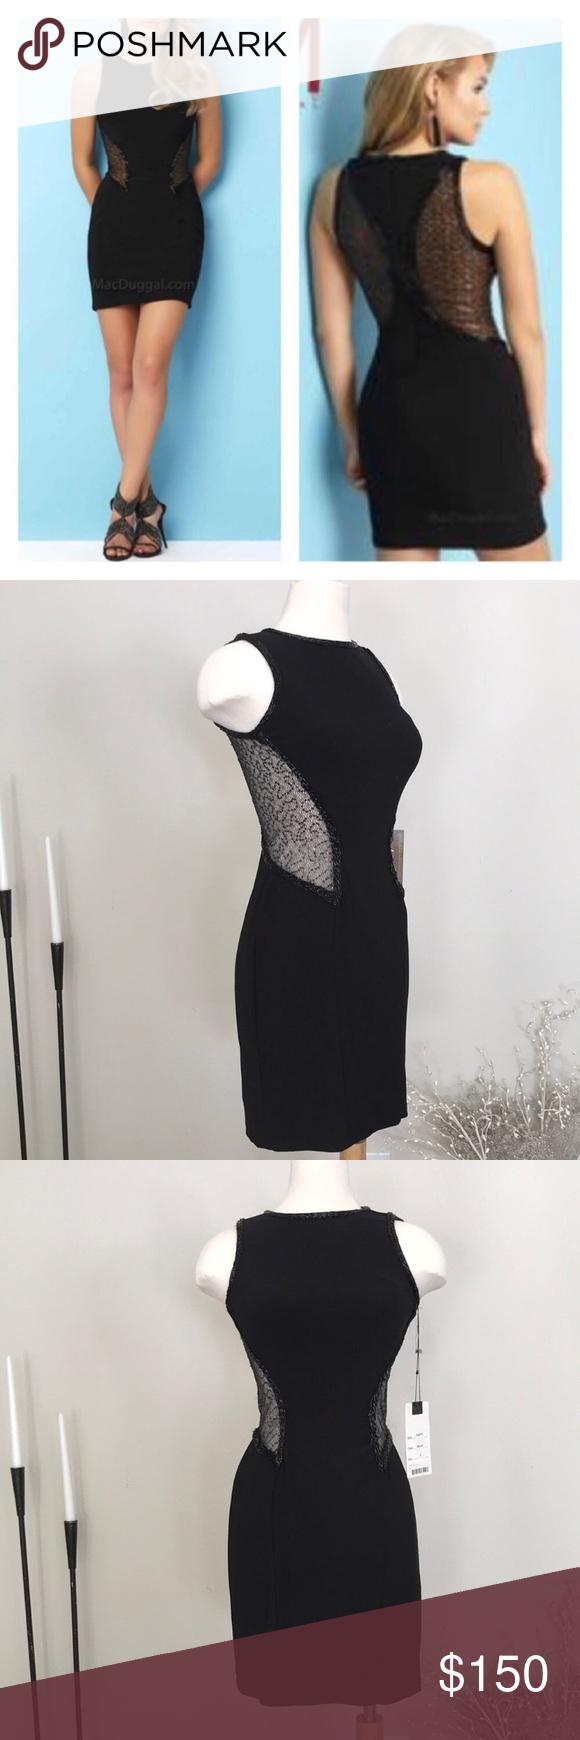 mac duggal black sequin prom dress nwt my posh closet